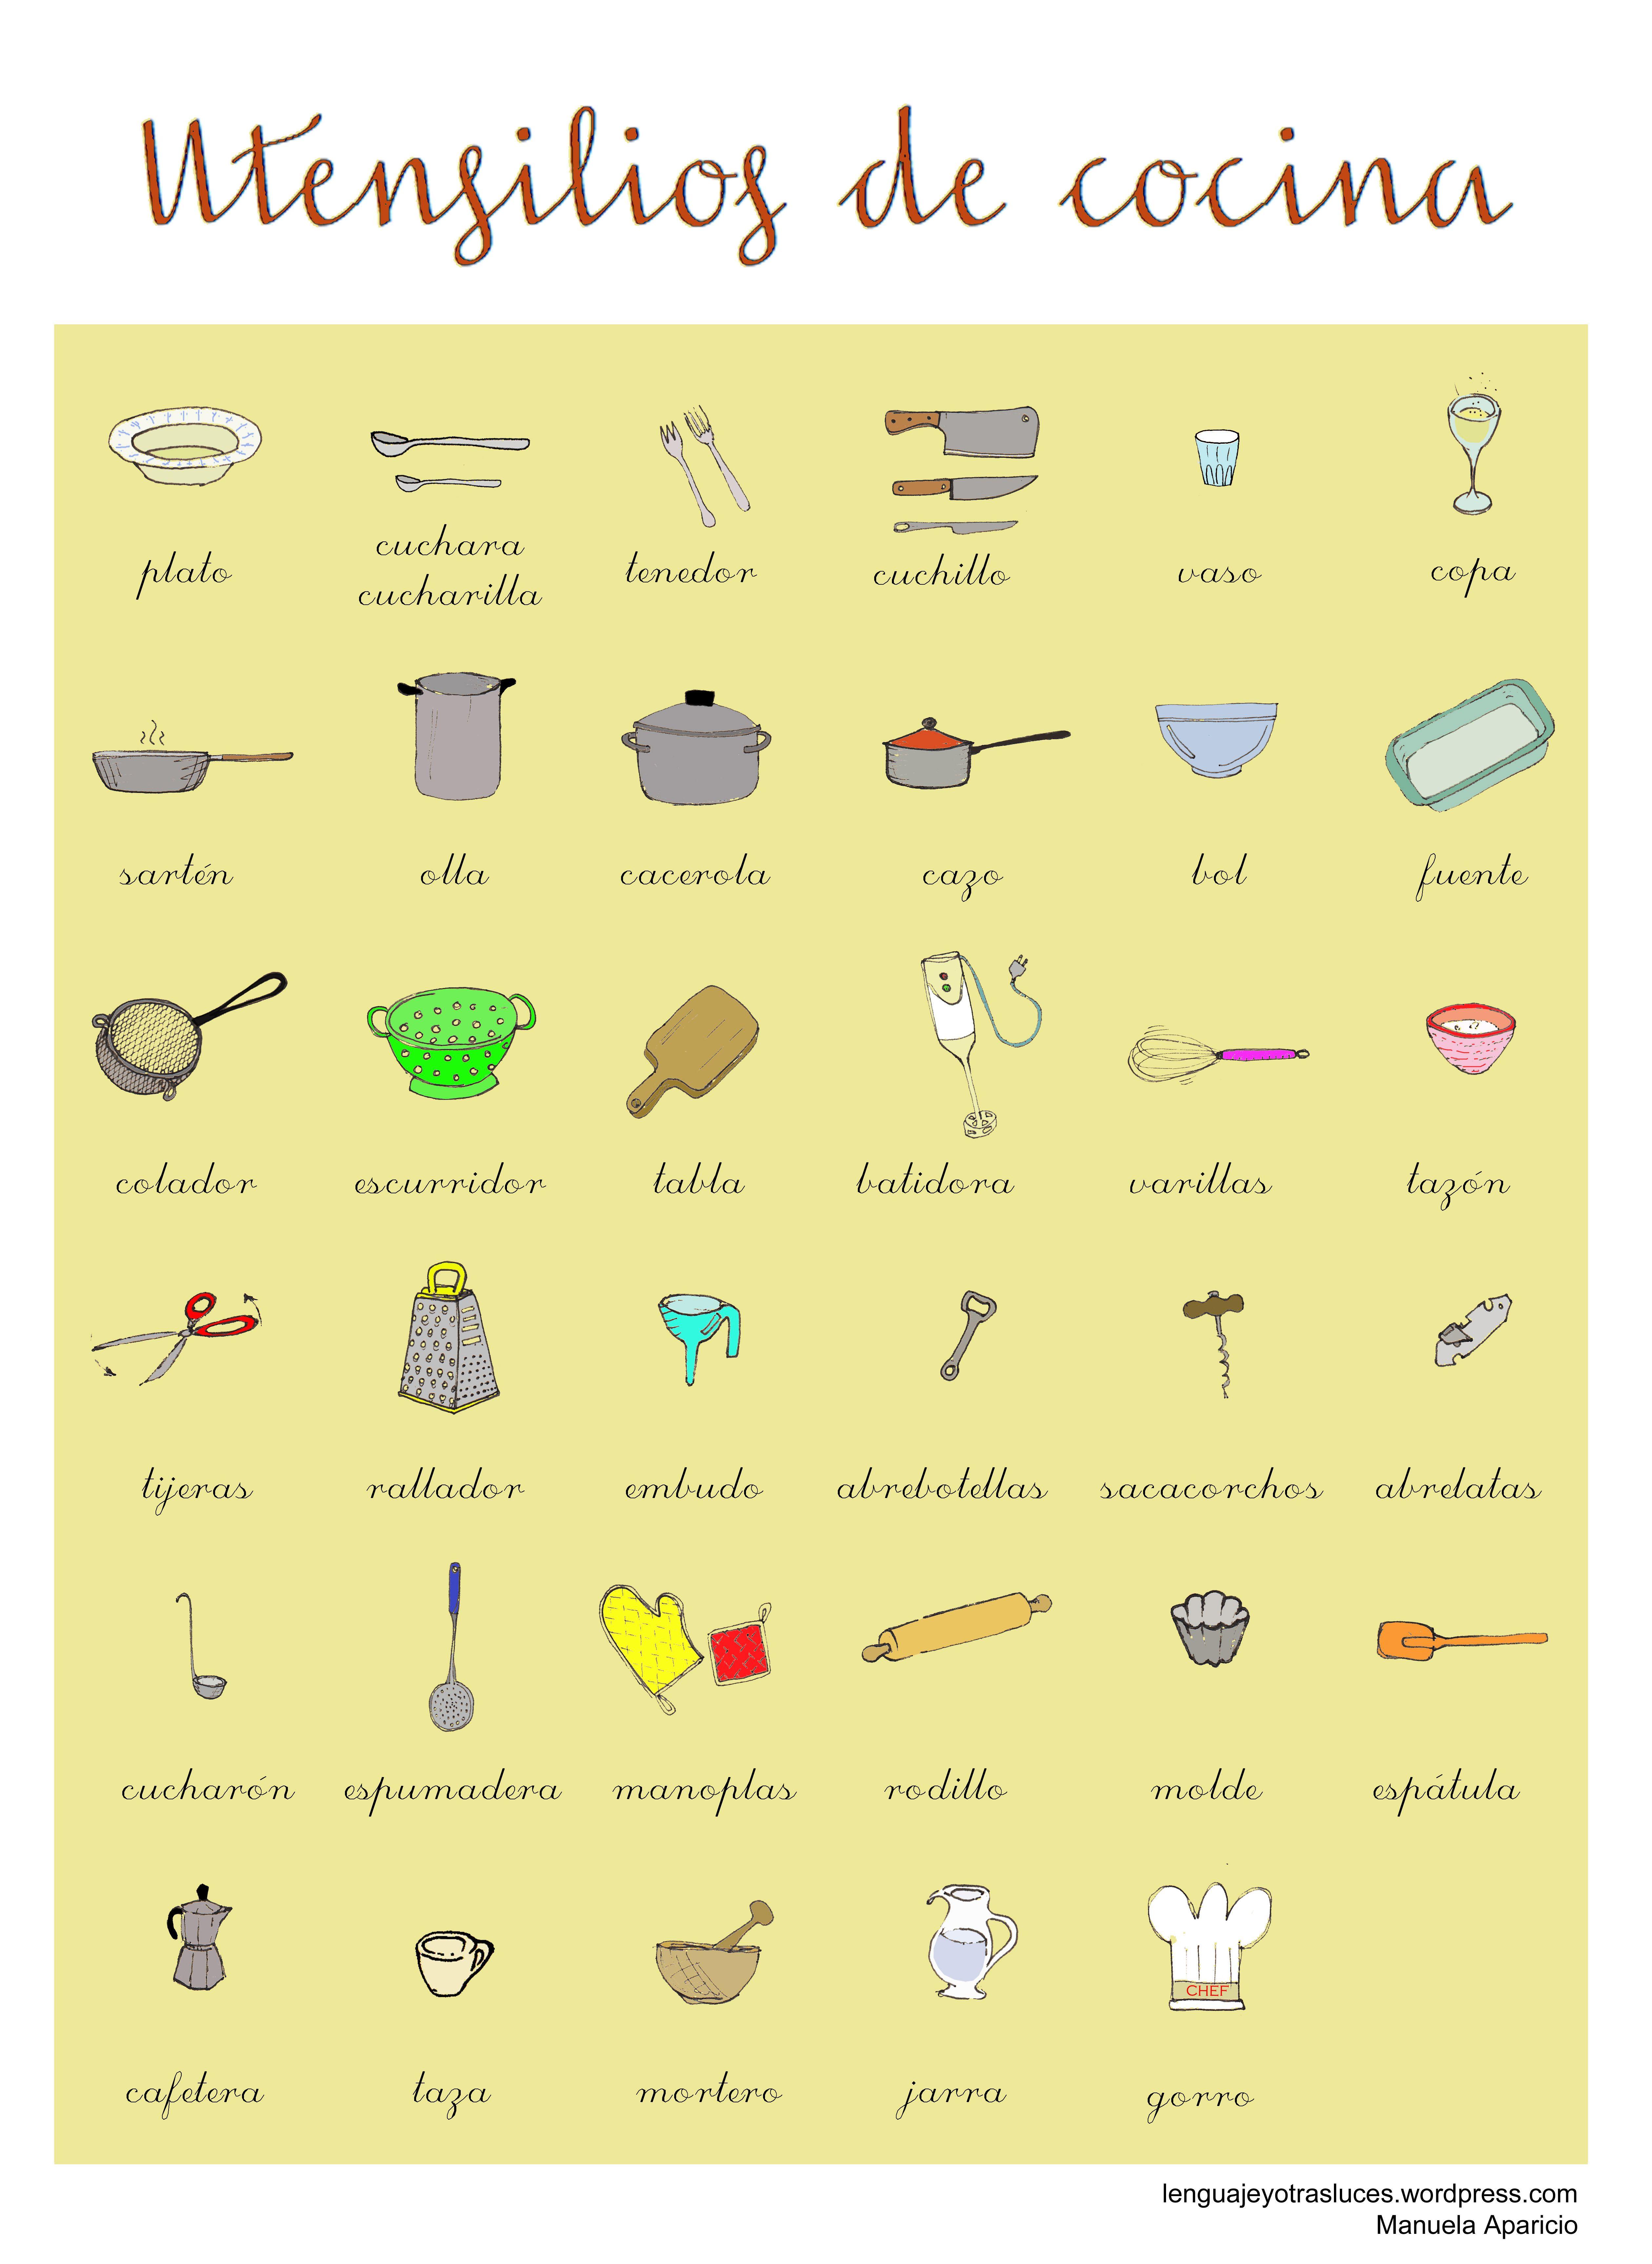 Utensilios recipientes y medidas de cocina  Utensilios